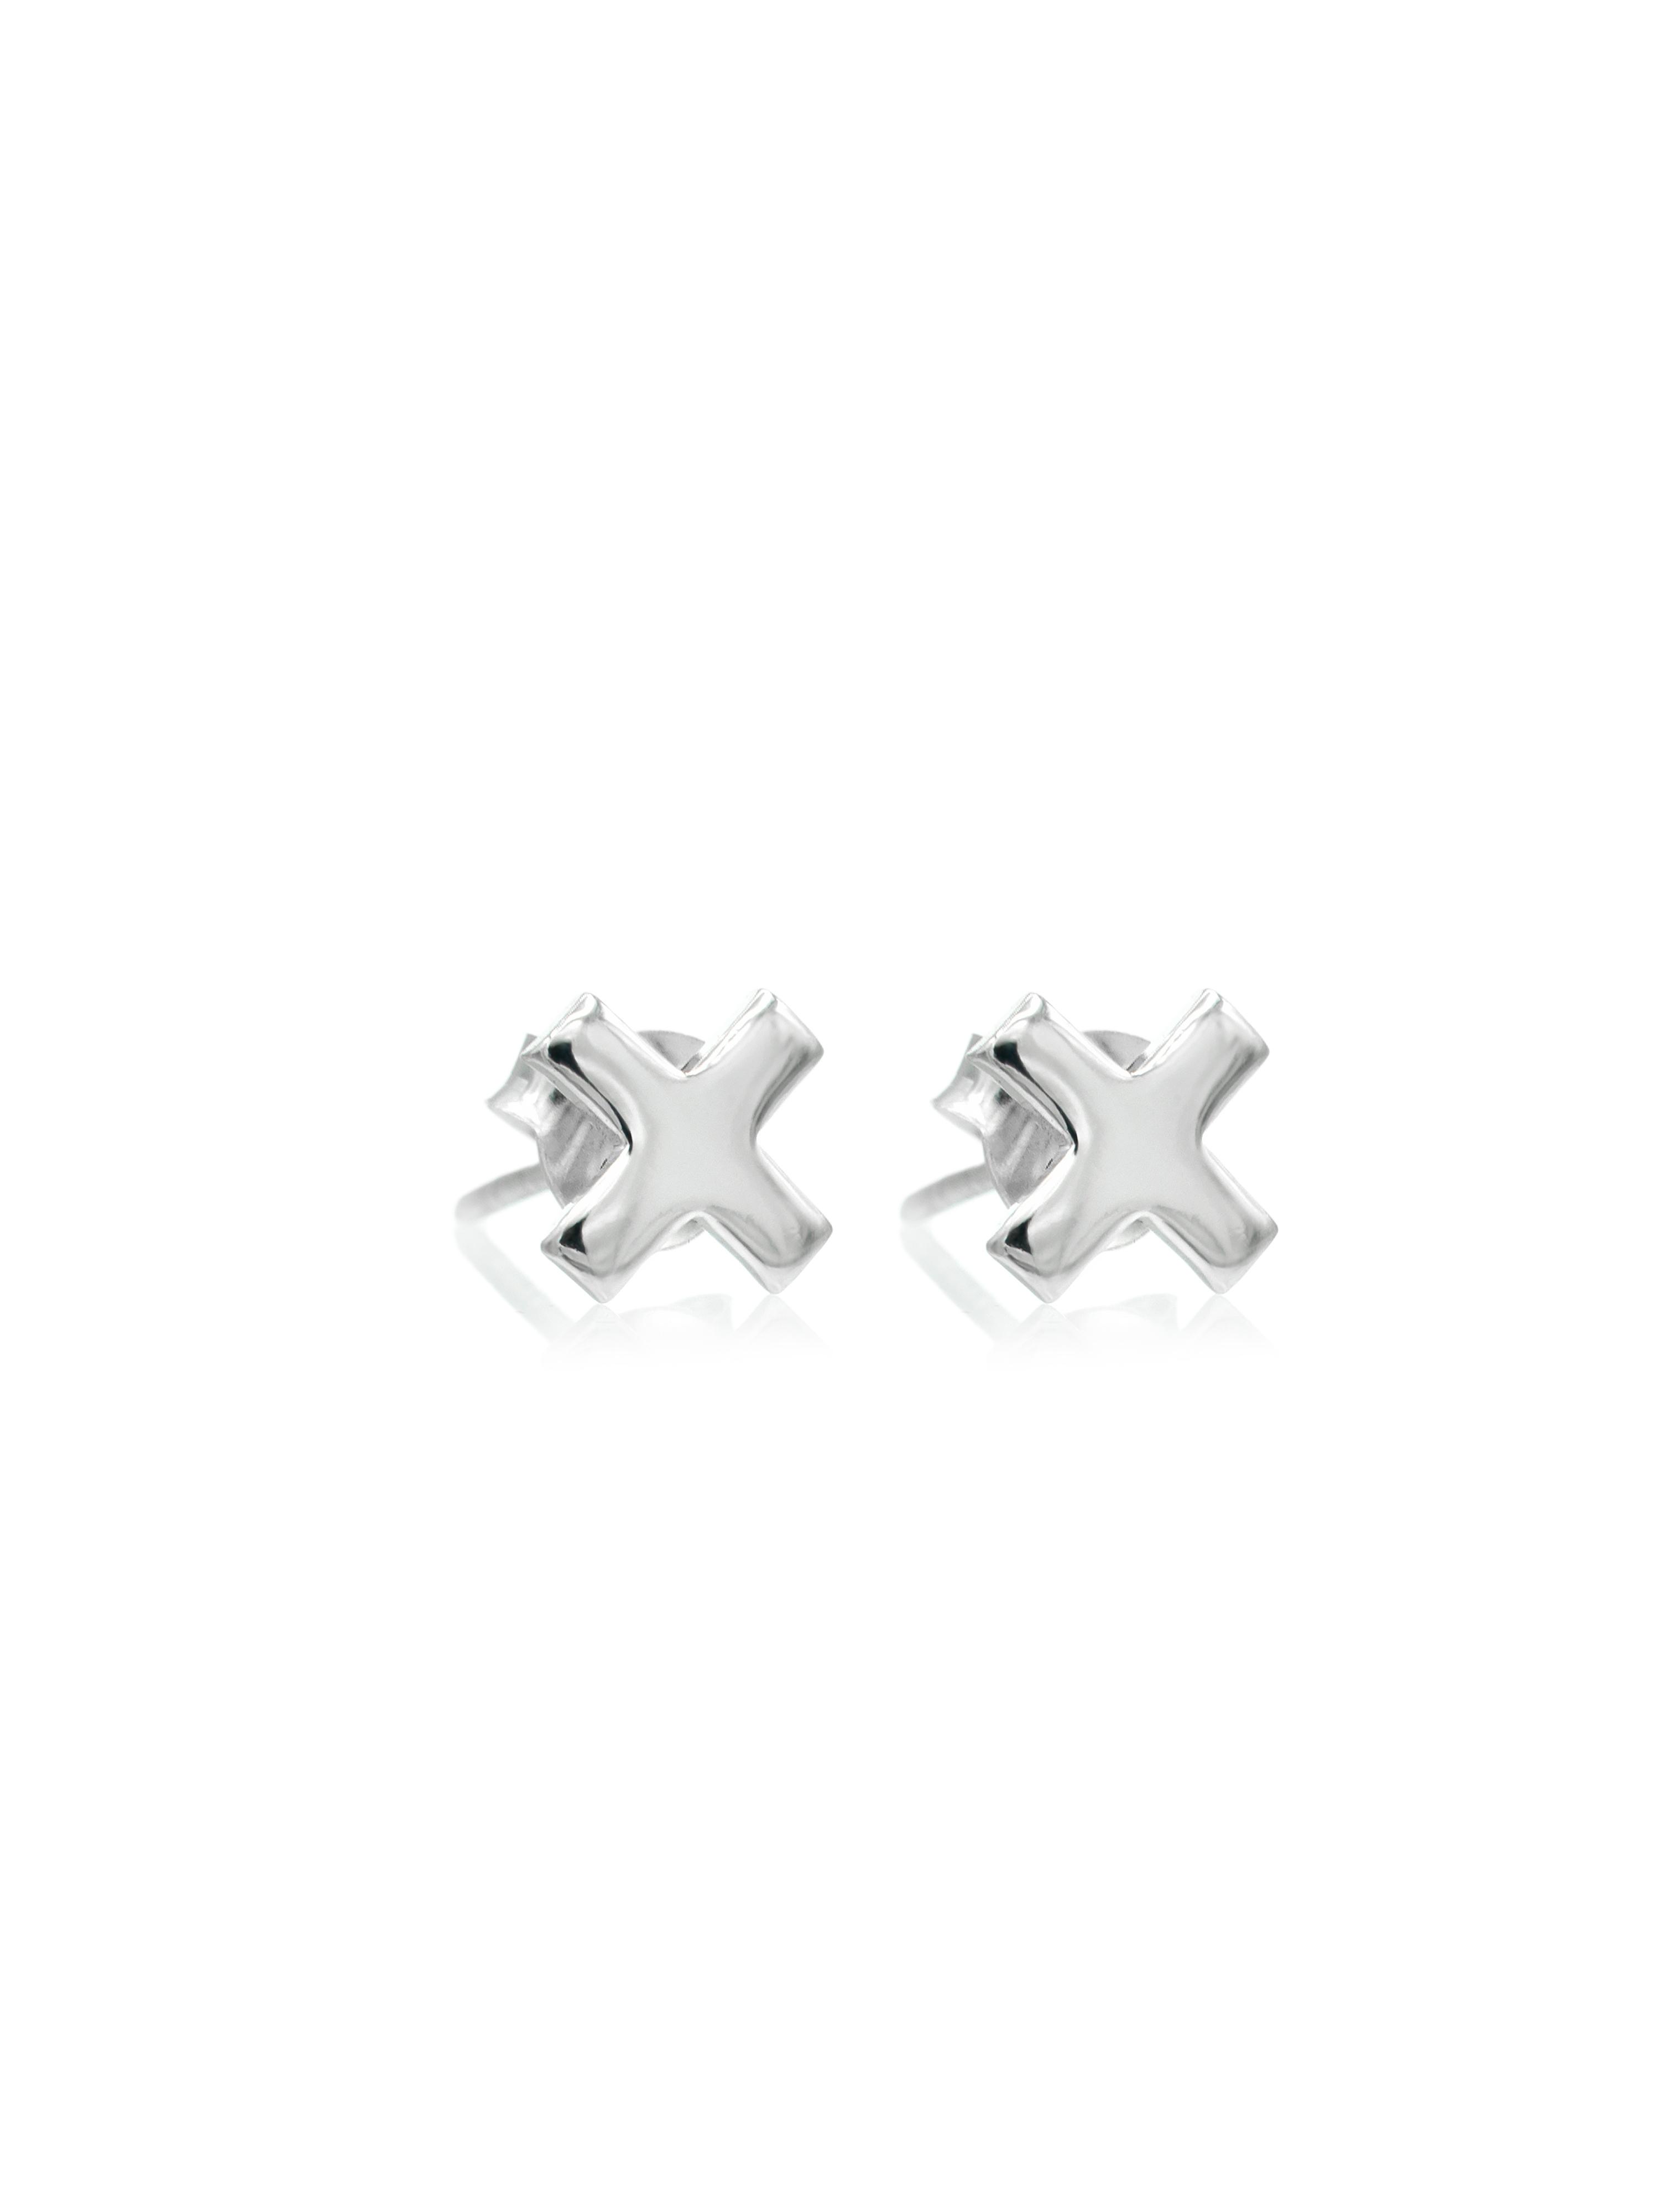 Cercei Argint MiniX - Minimalism